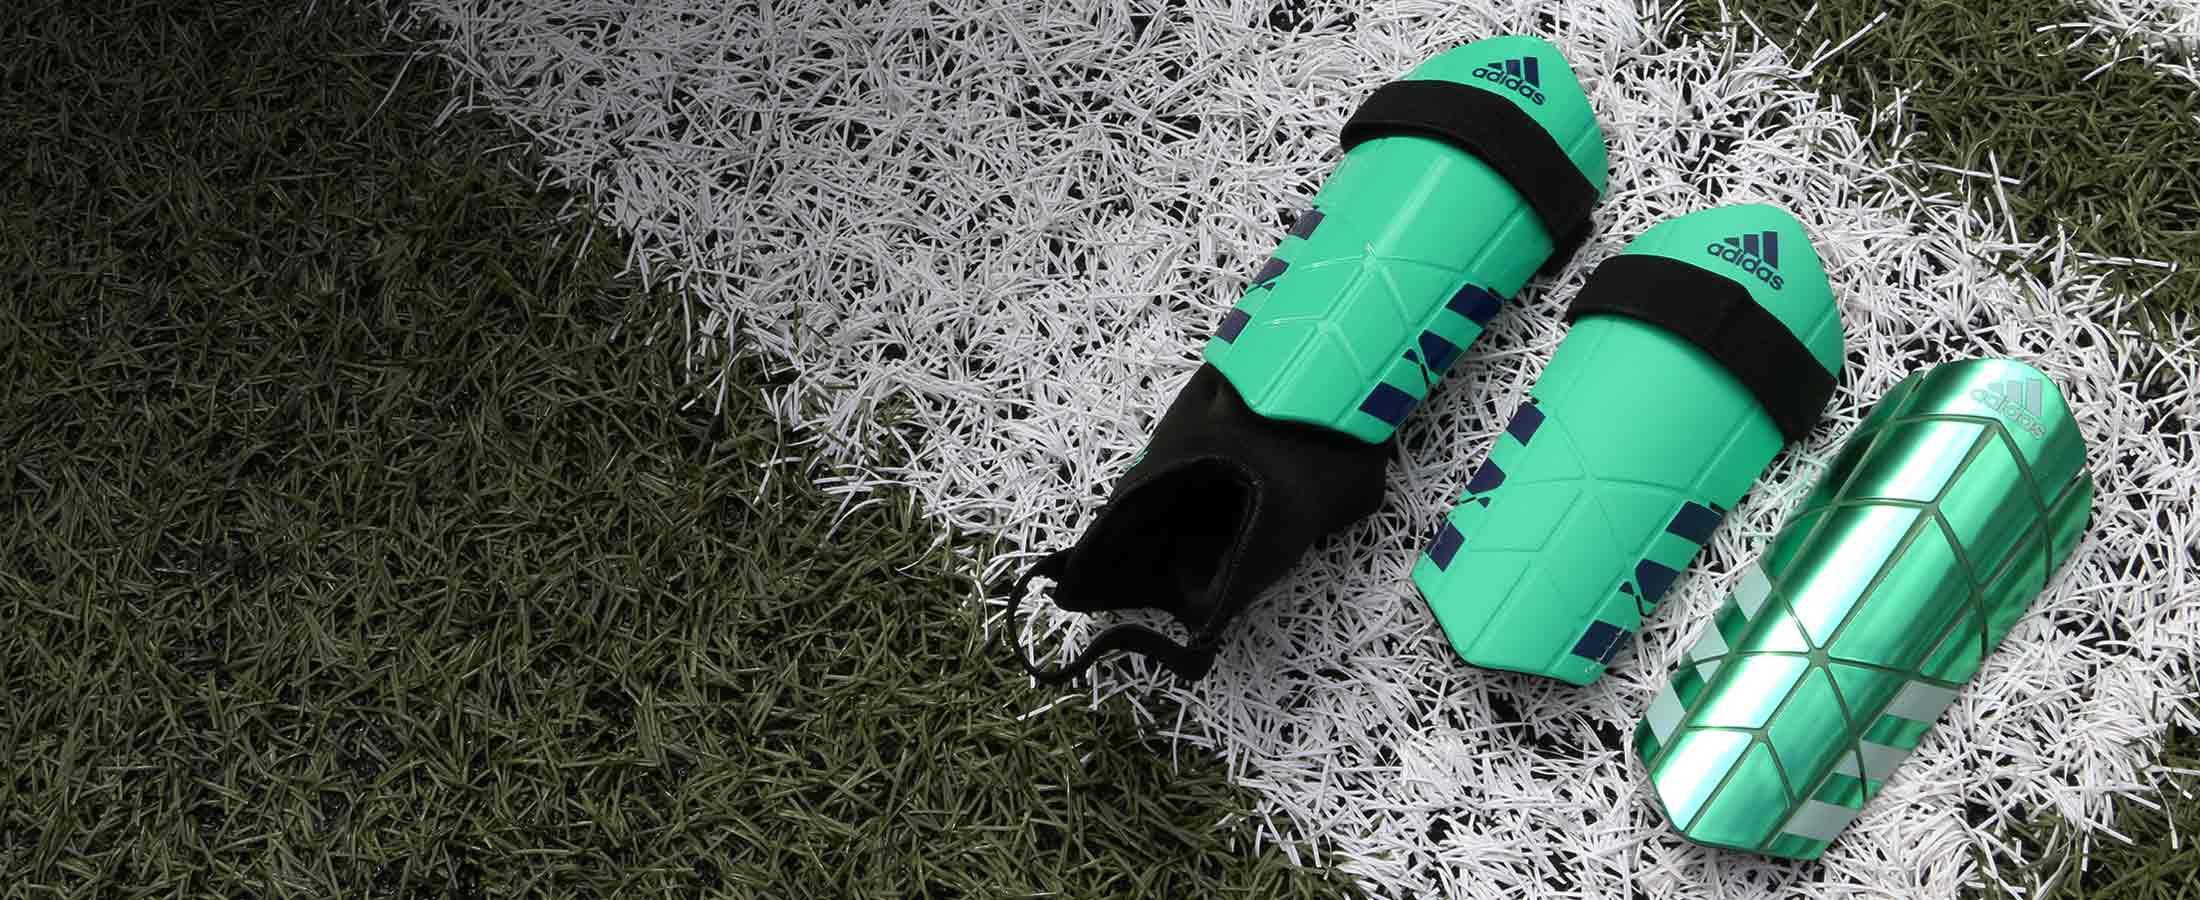 Espinilleras de fútbol adidas